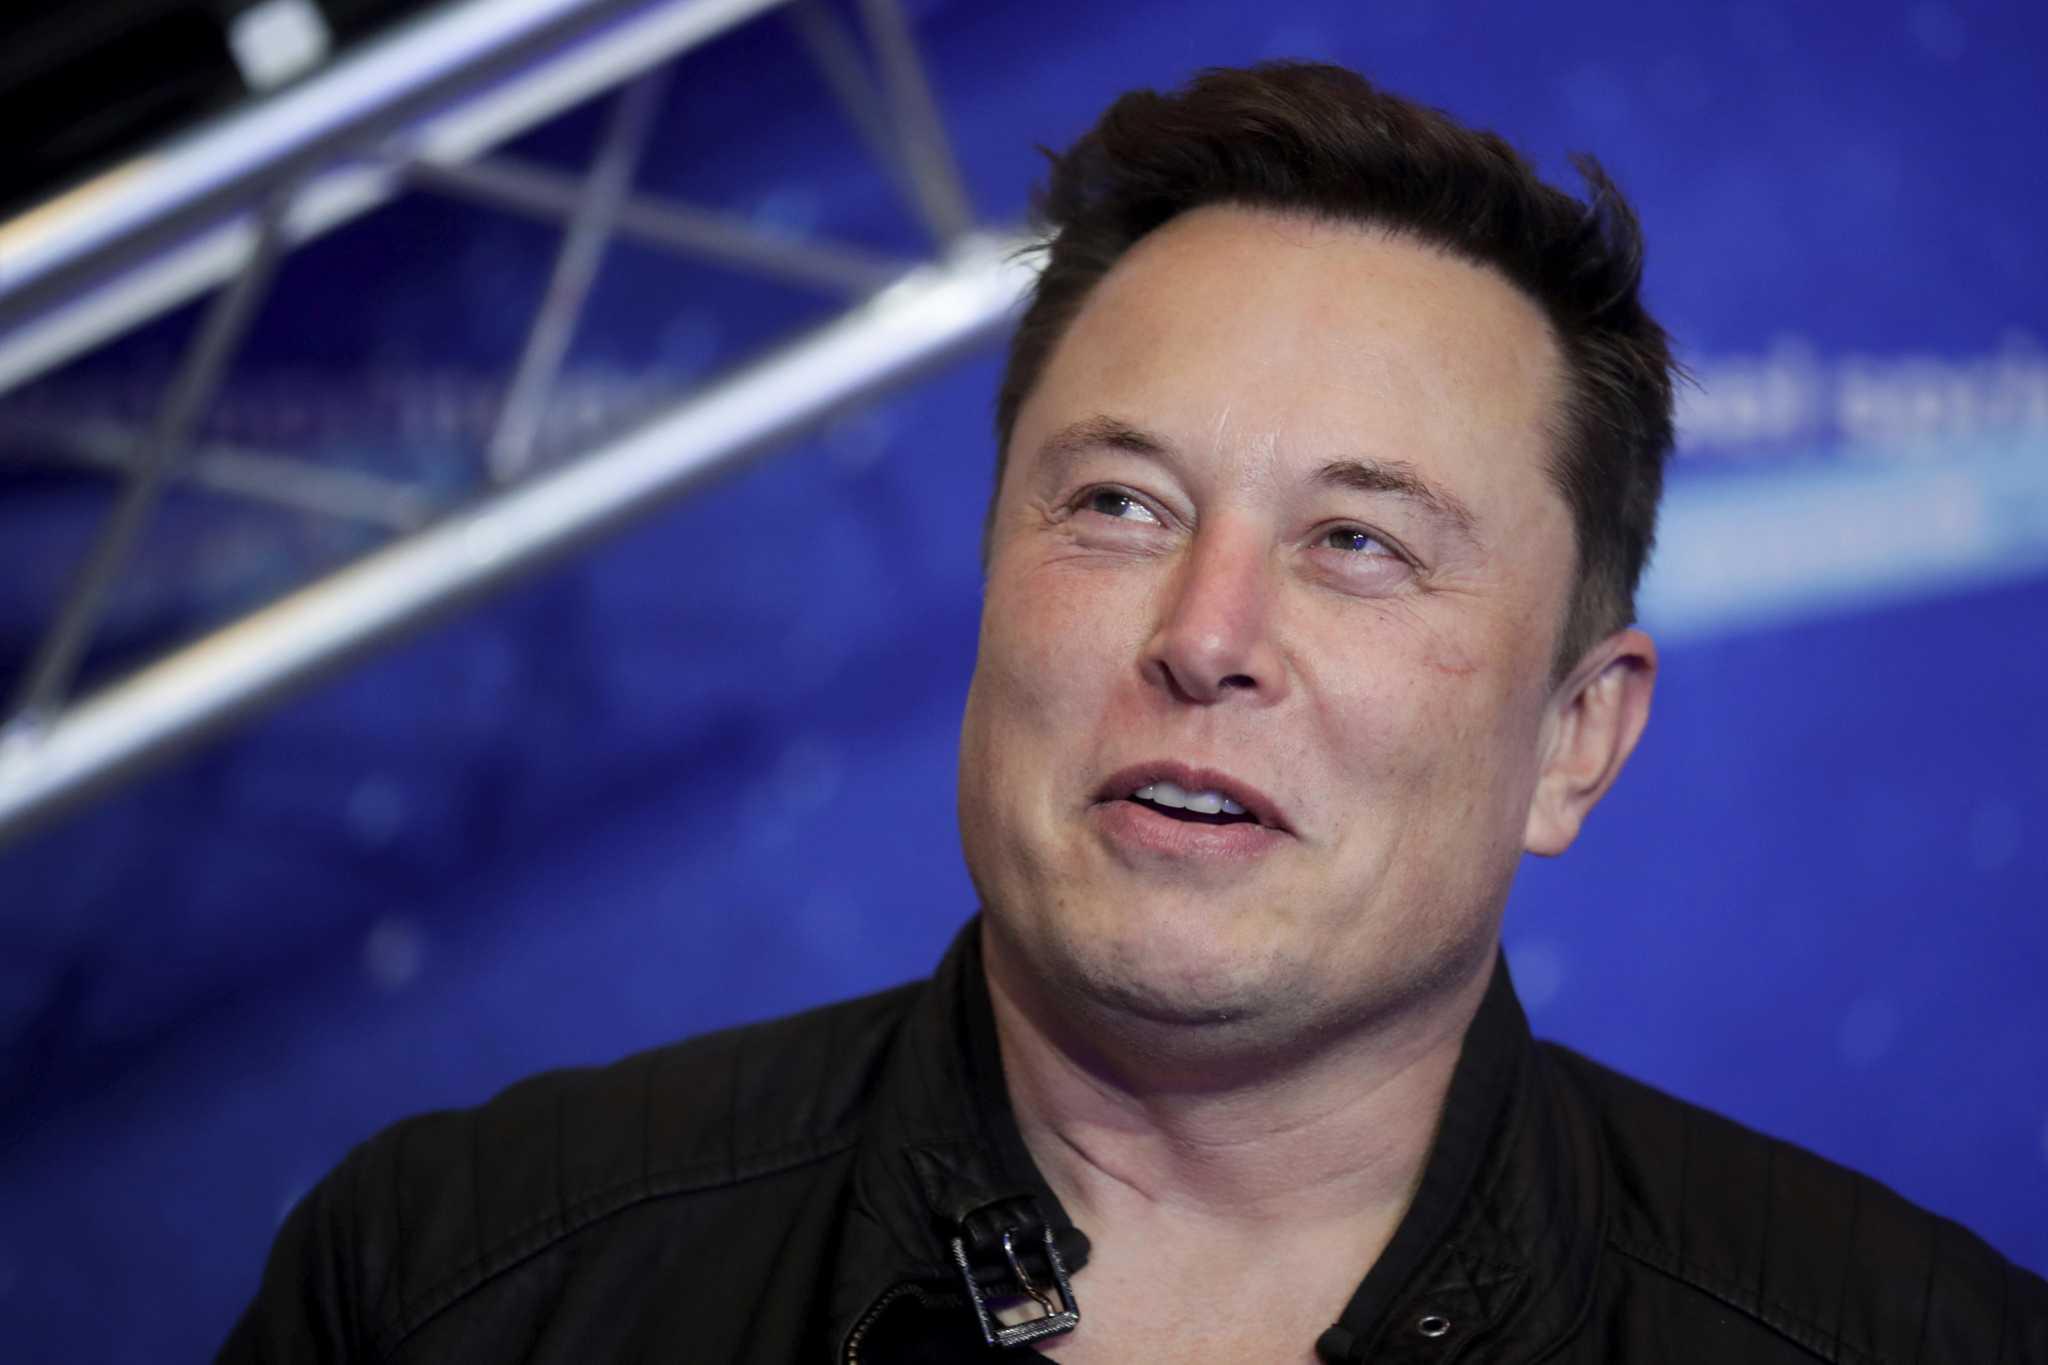 Tesla, SpaceX, Twitter: How tech billionaire Elon Musk built his cult following